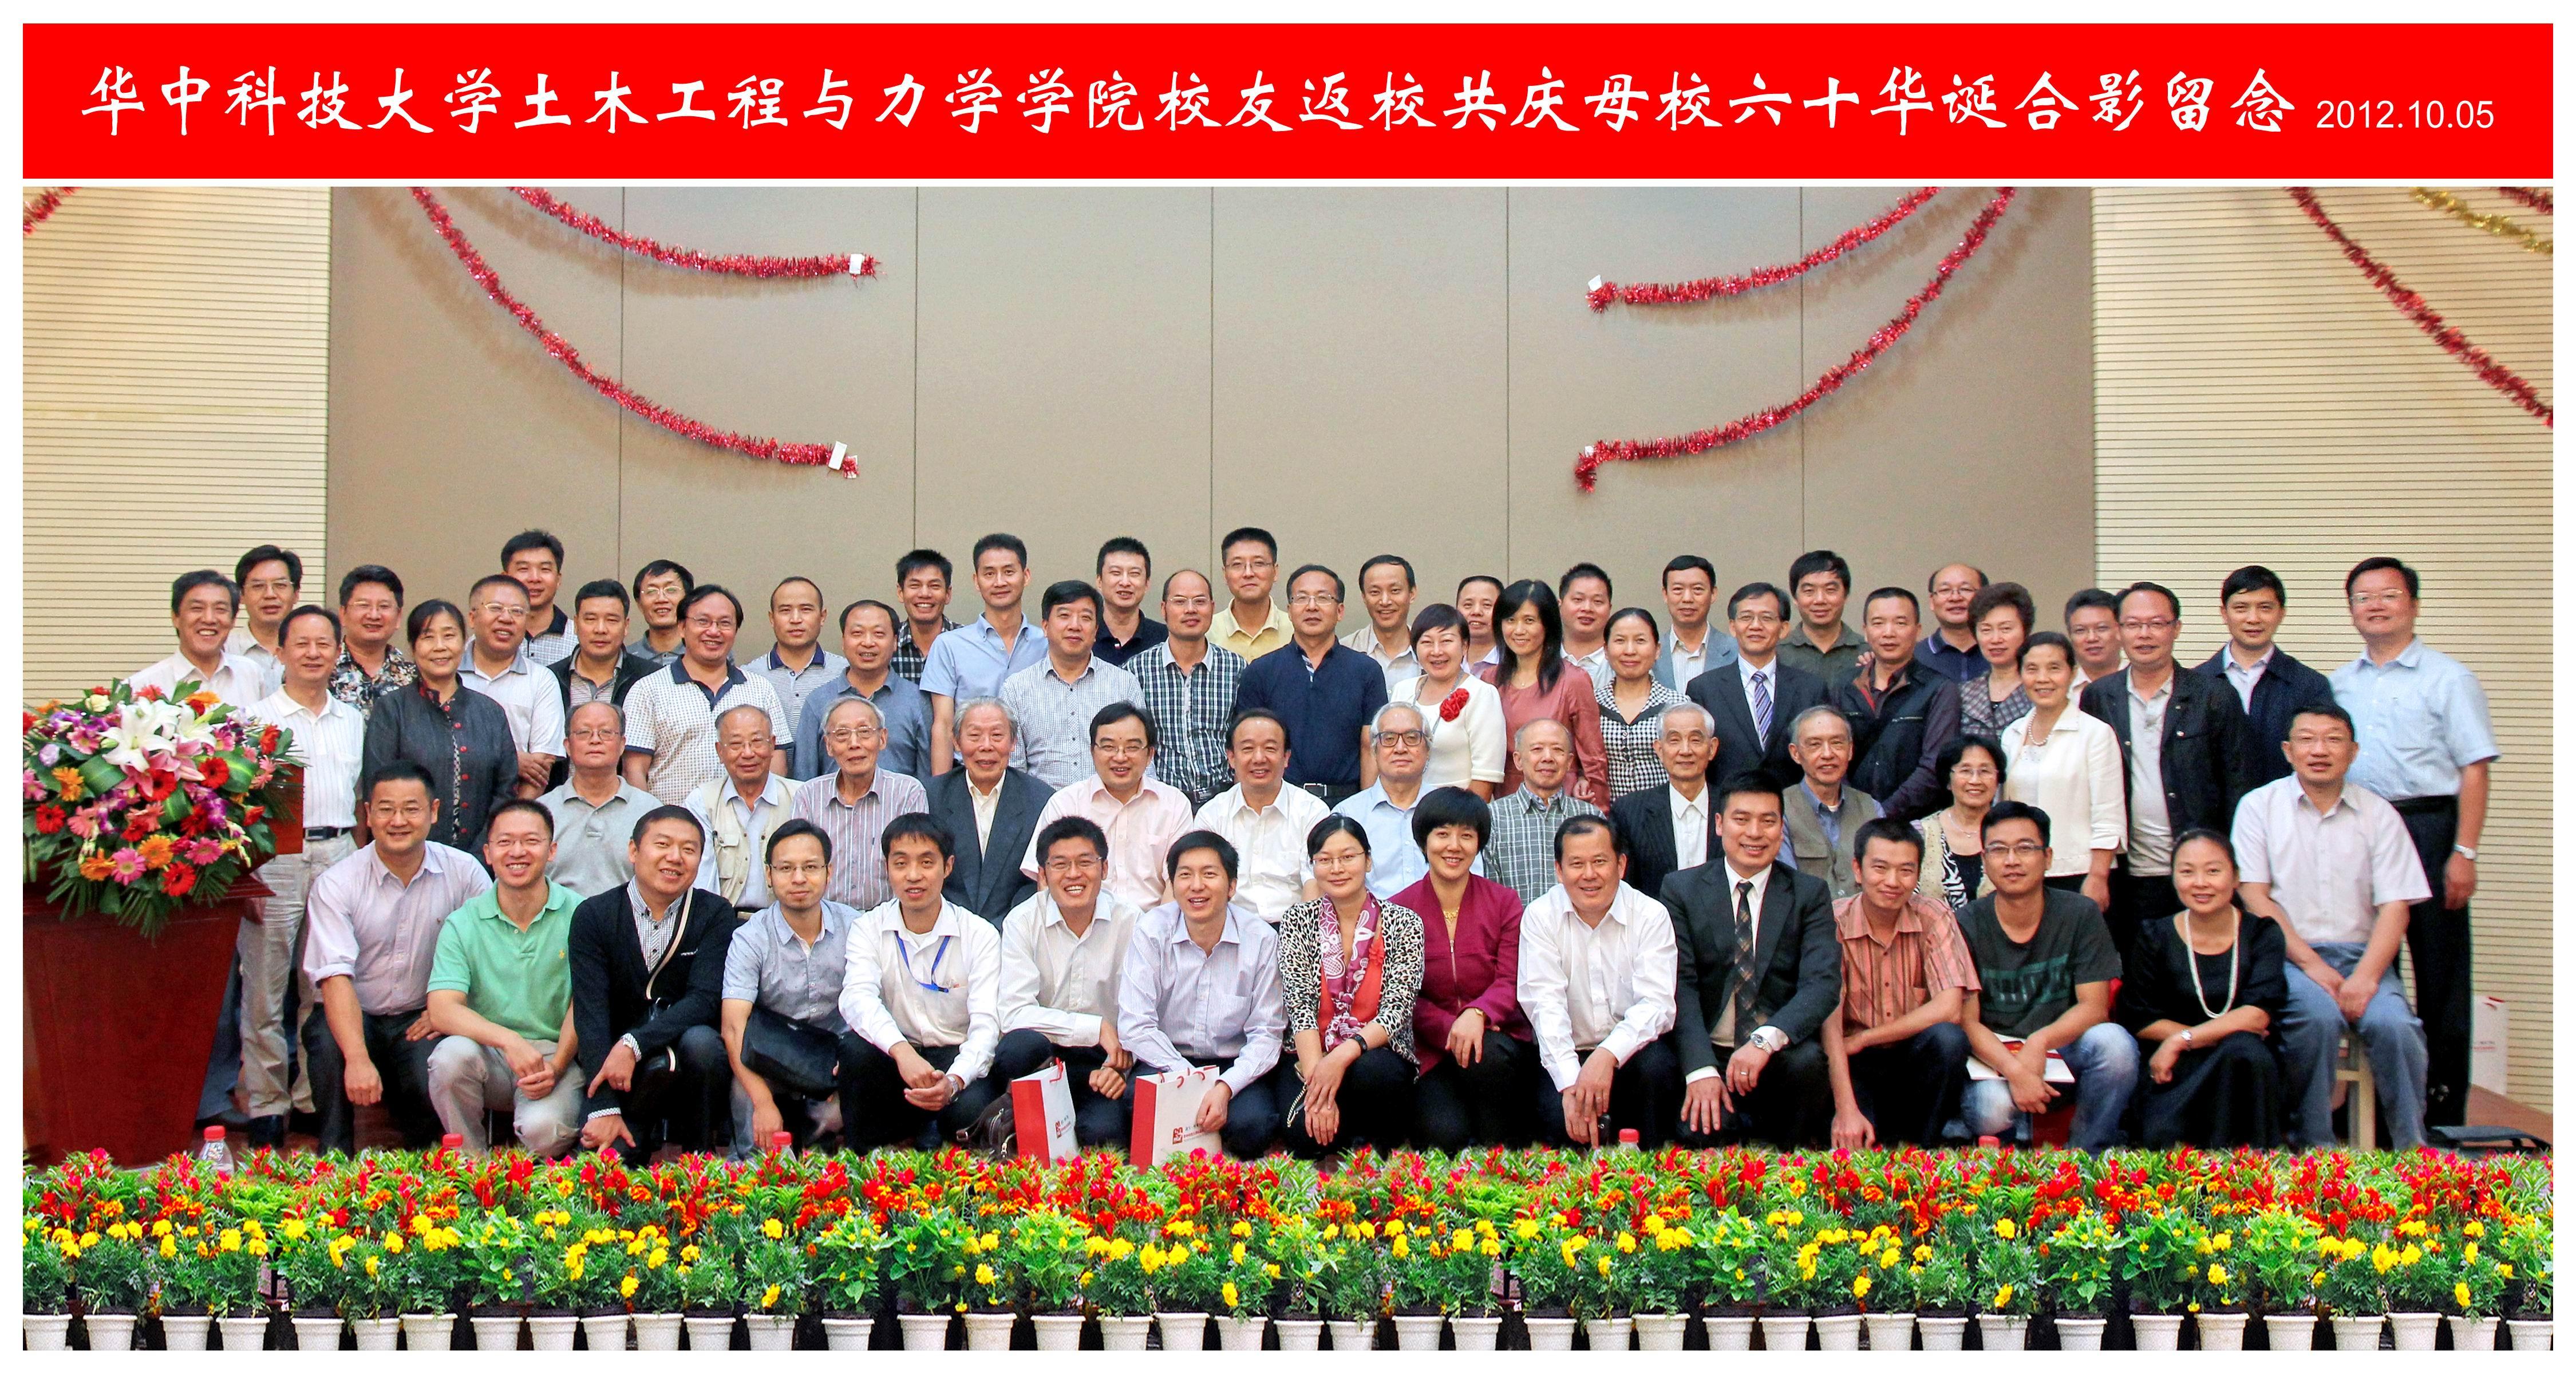 2005届土木工程系毕业生邓露深受学生追捧.